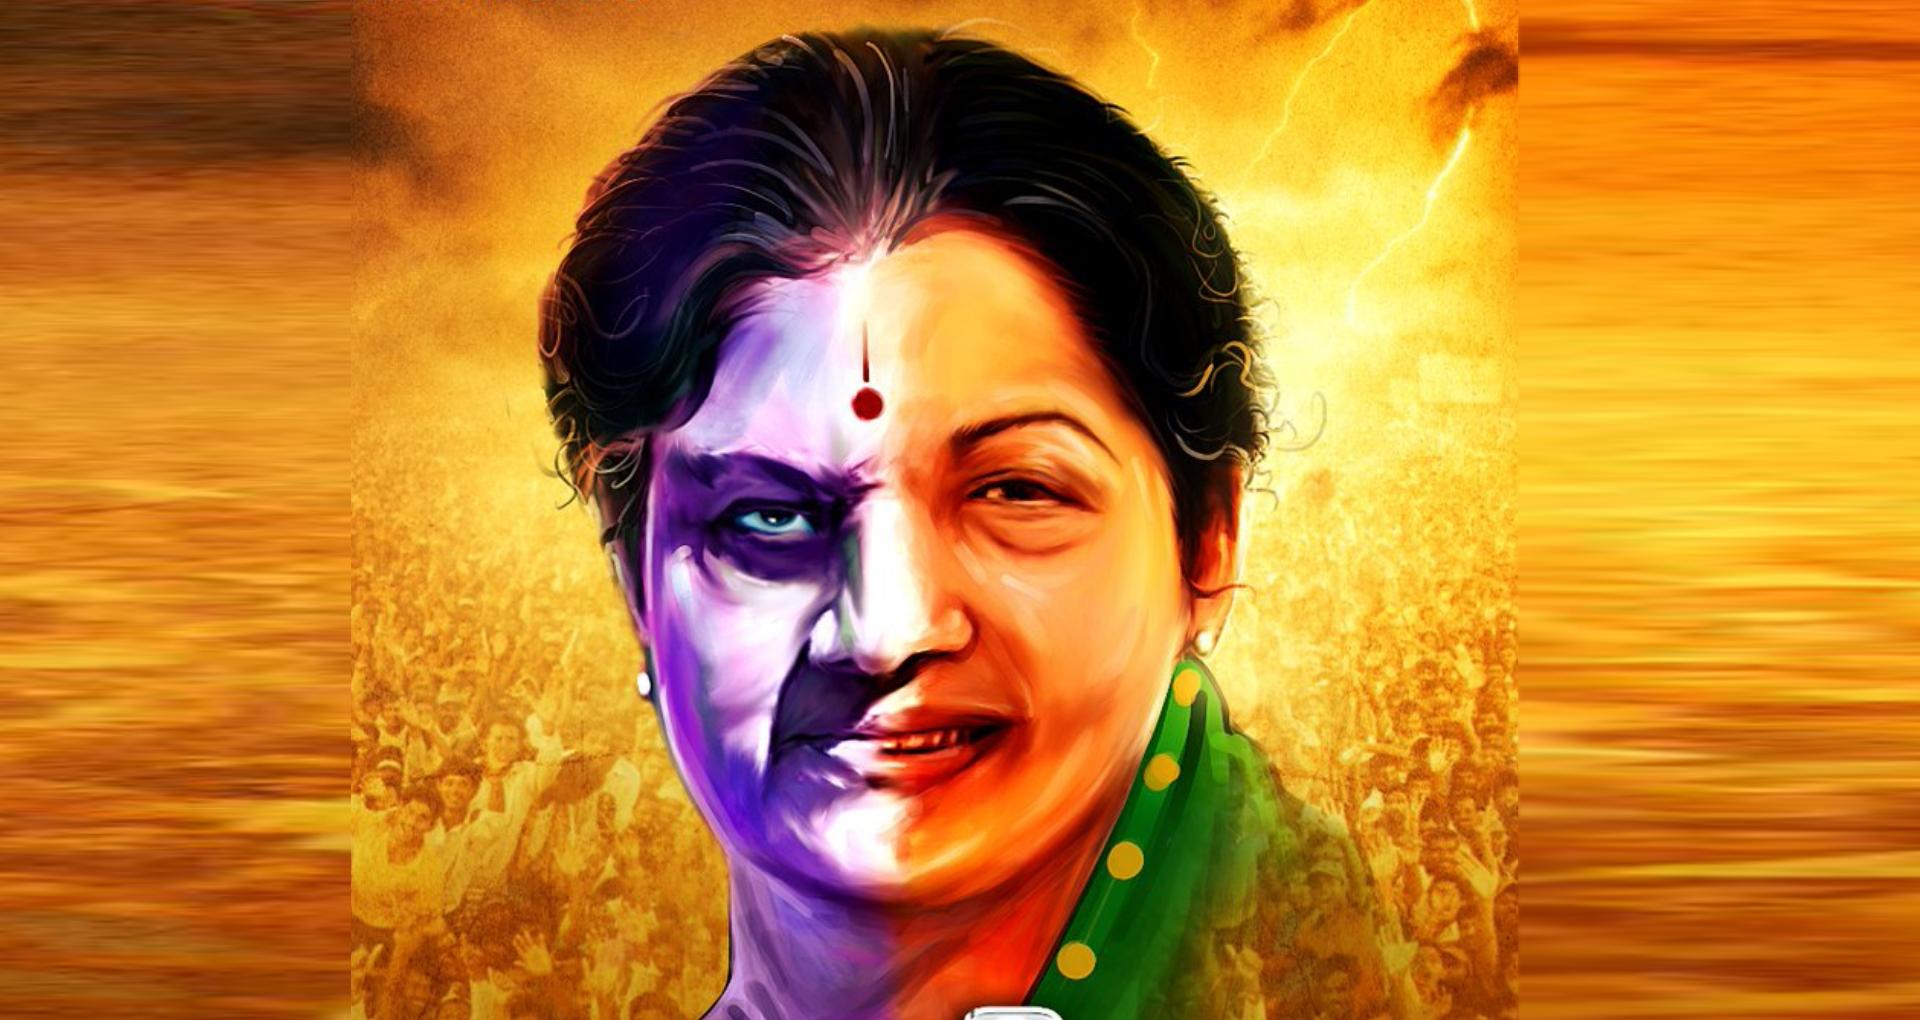 कंगना रनौत की 'थलाइवी' के बाद जयललिता की जिंदगी पर बनेगी एक और फिल्म, इस नाम से होगी रिलीज